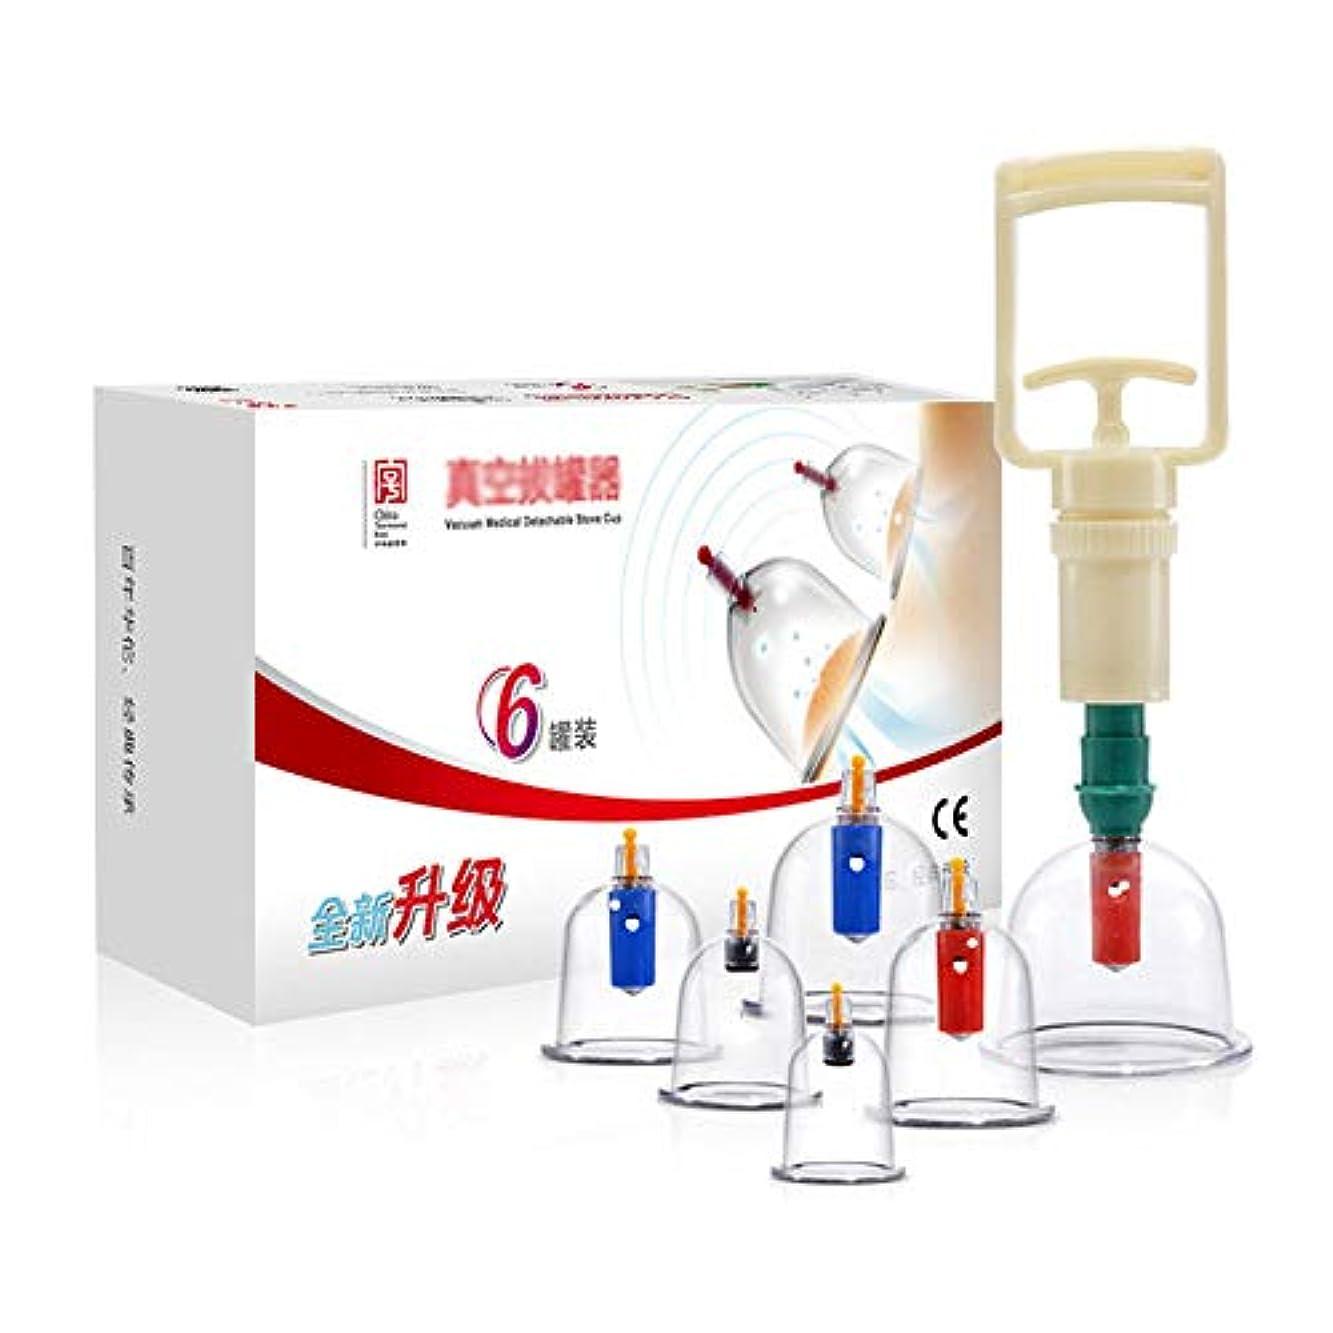 暗黙英語の授業があります開始Jia He 漢方療法 カッピング装置 - 防爆厚い真空専門のカッピング治療装置6カップは、大人に適したポンプハンドルと延長チューブで設定 ##